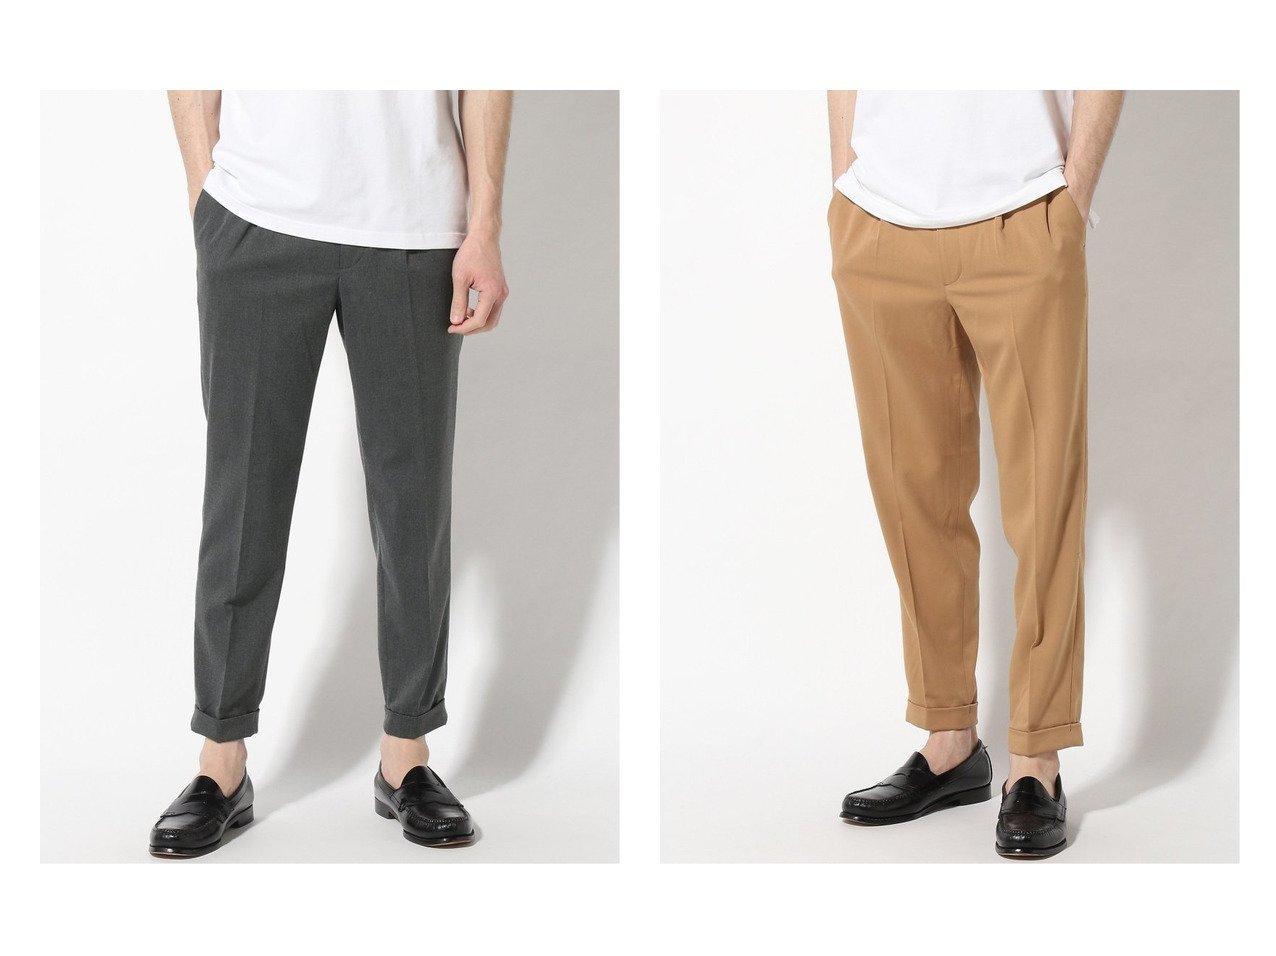 【EDIFICE / MEN/エディフィス】のCARREMAN TR 1P easy PT 【MEN】おすすめ!人気トレンド・男性、メンズファッションの通販 おすすめで人気の流行・トレンド、ファッションの通販商品 メンズファッション・キッズファッション・インテリア・家具・レディースファッション・服の通販 founy(ファニー) https://founy.com/ ファッション Fashion メンズファッション MEN ボトムス Bottoms Men ジーンズ スタンダード ストレッチ プリーツ  ID:crp329100000025193